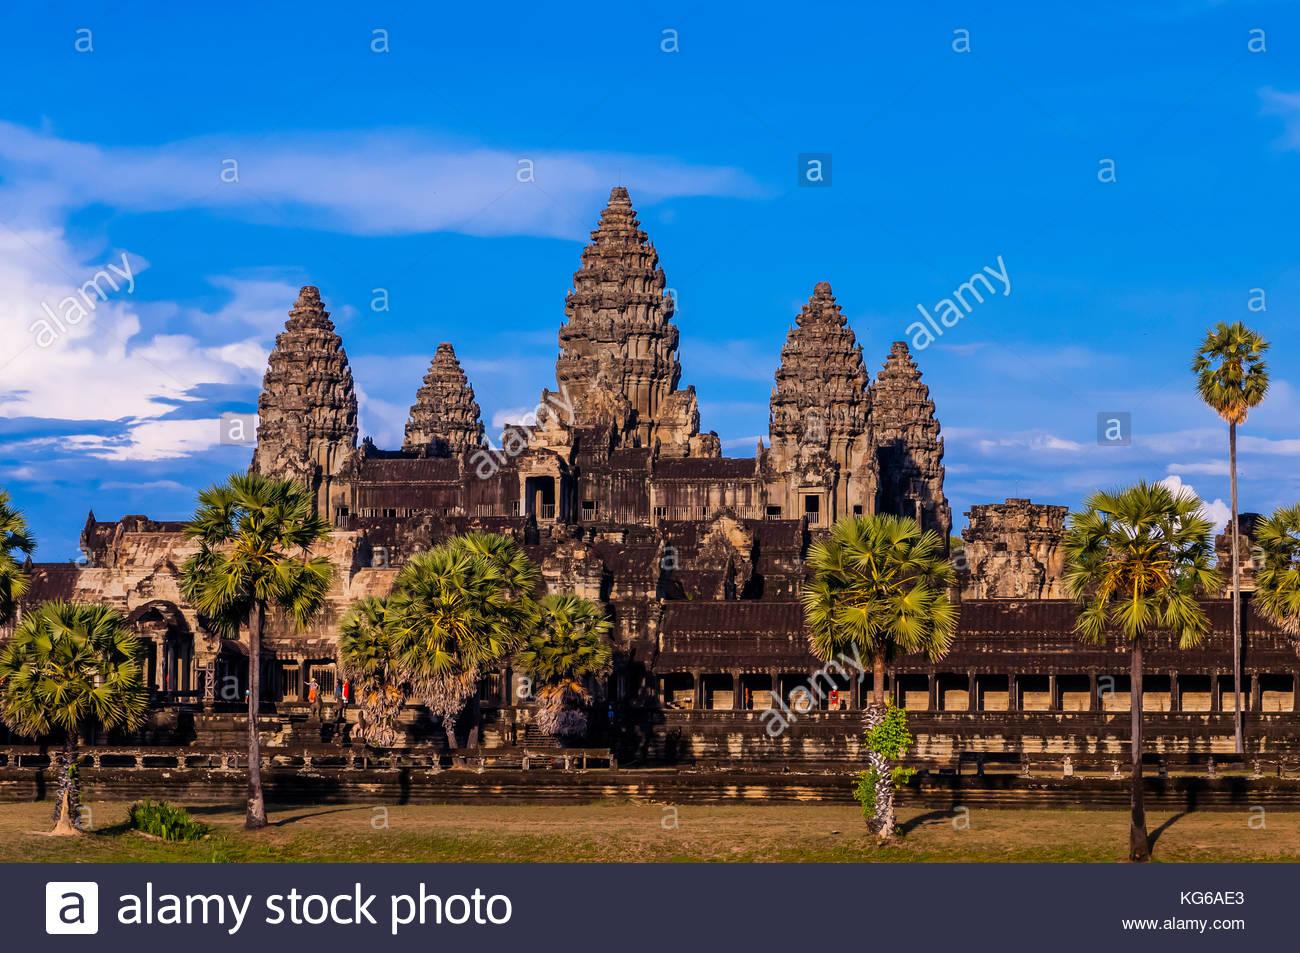 Angkor Wat, il più grande monumento religioso nel mondo (significa città che è un tempio); Cambogia. Immagini Stock